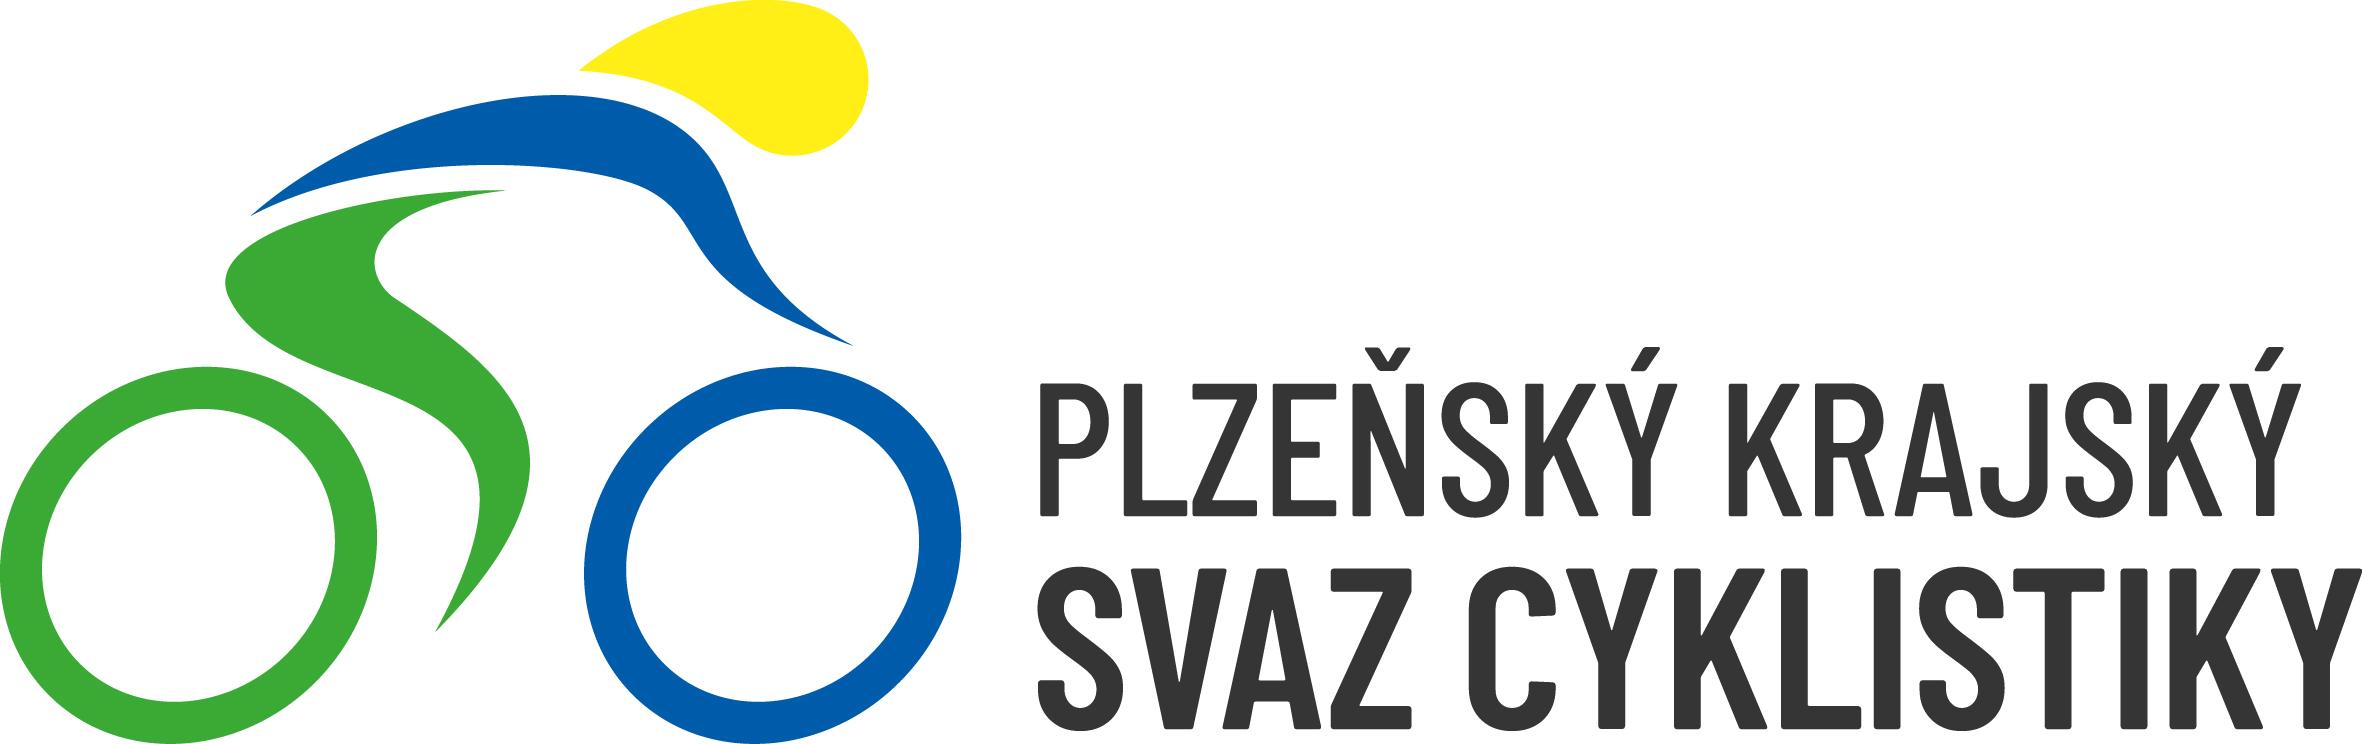 PKSC - Plzeňský krajský svaz cyklistiky